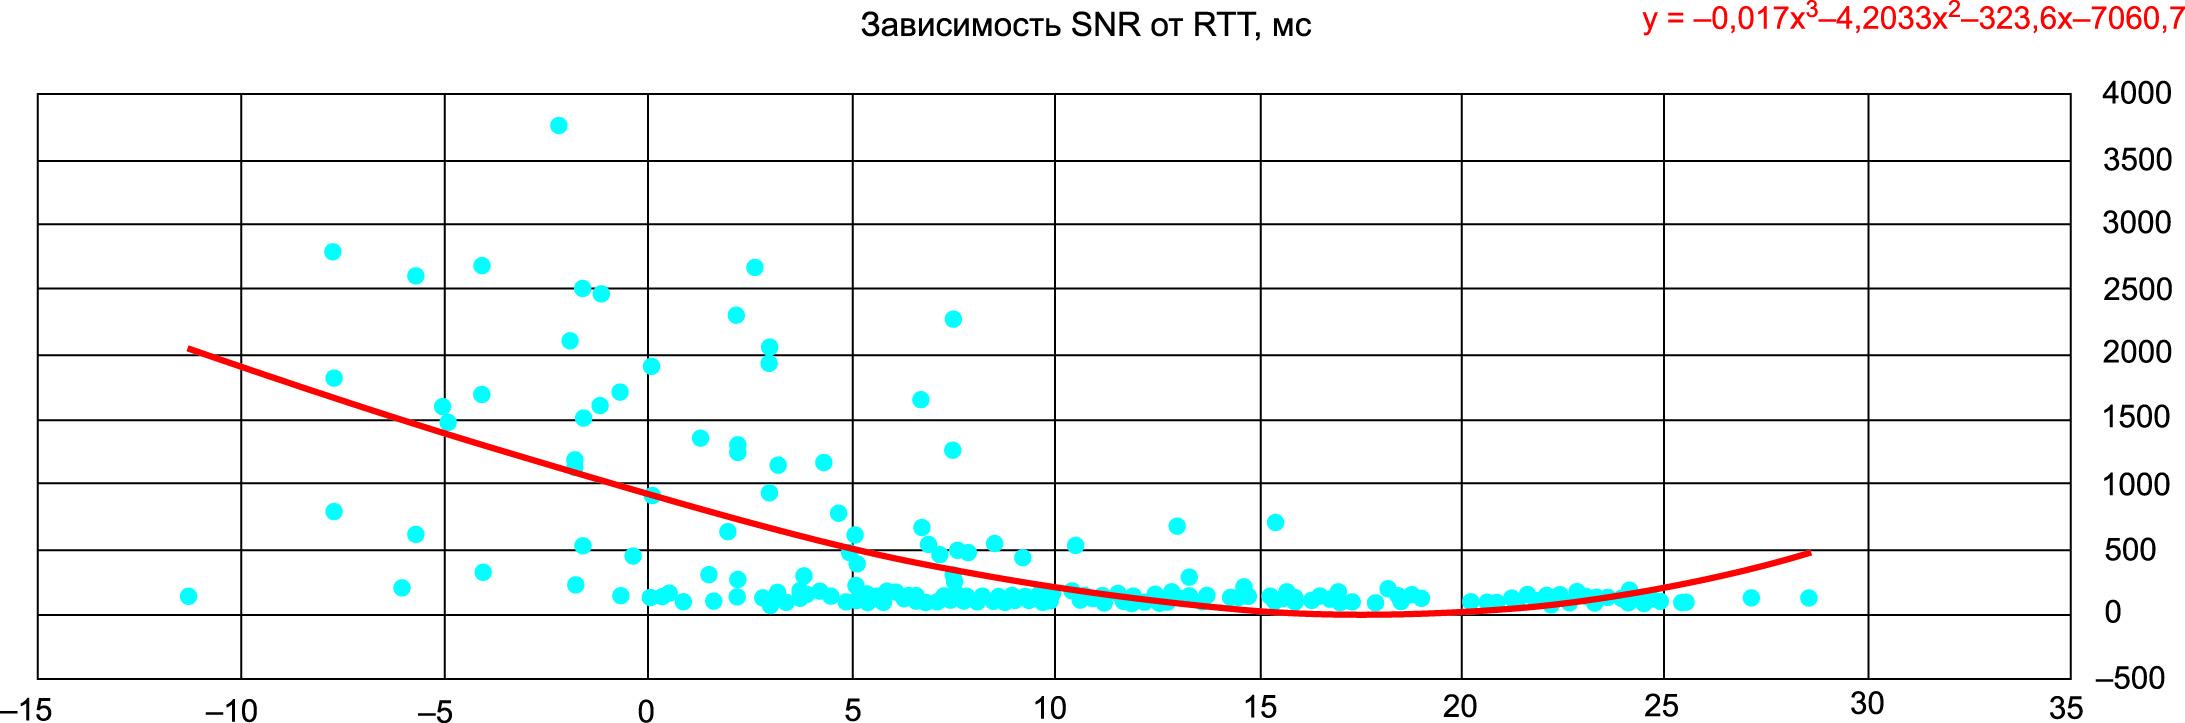 Результаты проверки покрытия услуг Cat-M1, полученные в ходе активных сетевых тестов с использованием инструмента постобработки Nemo Analyze компании Keysight, как зависимость SNR от RTT